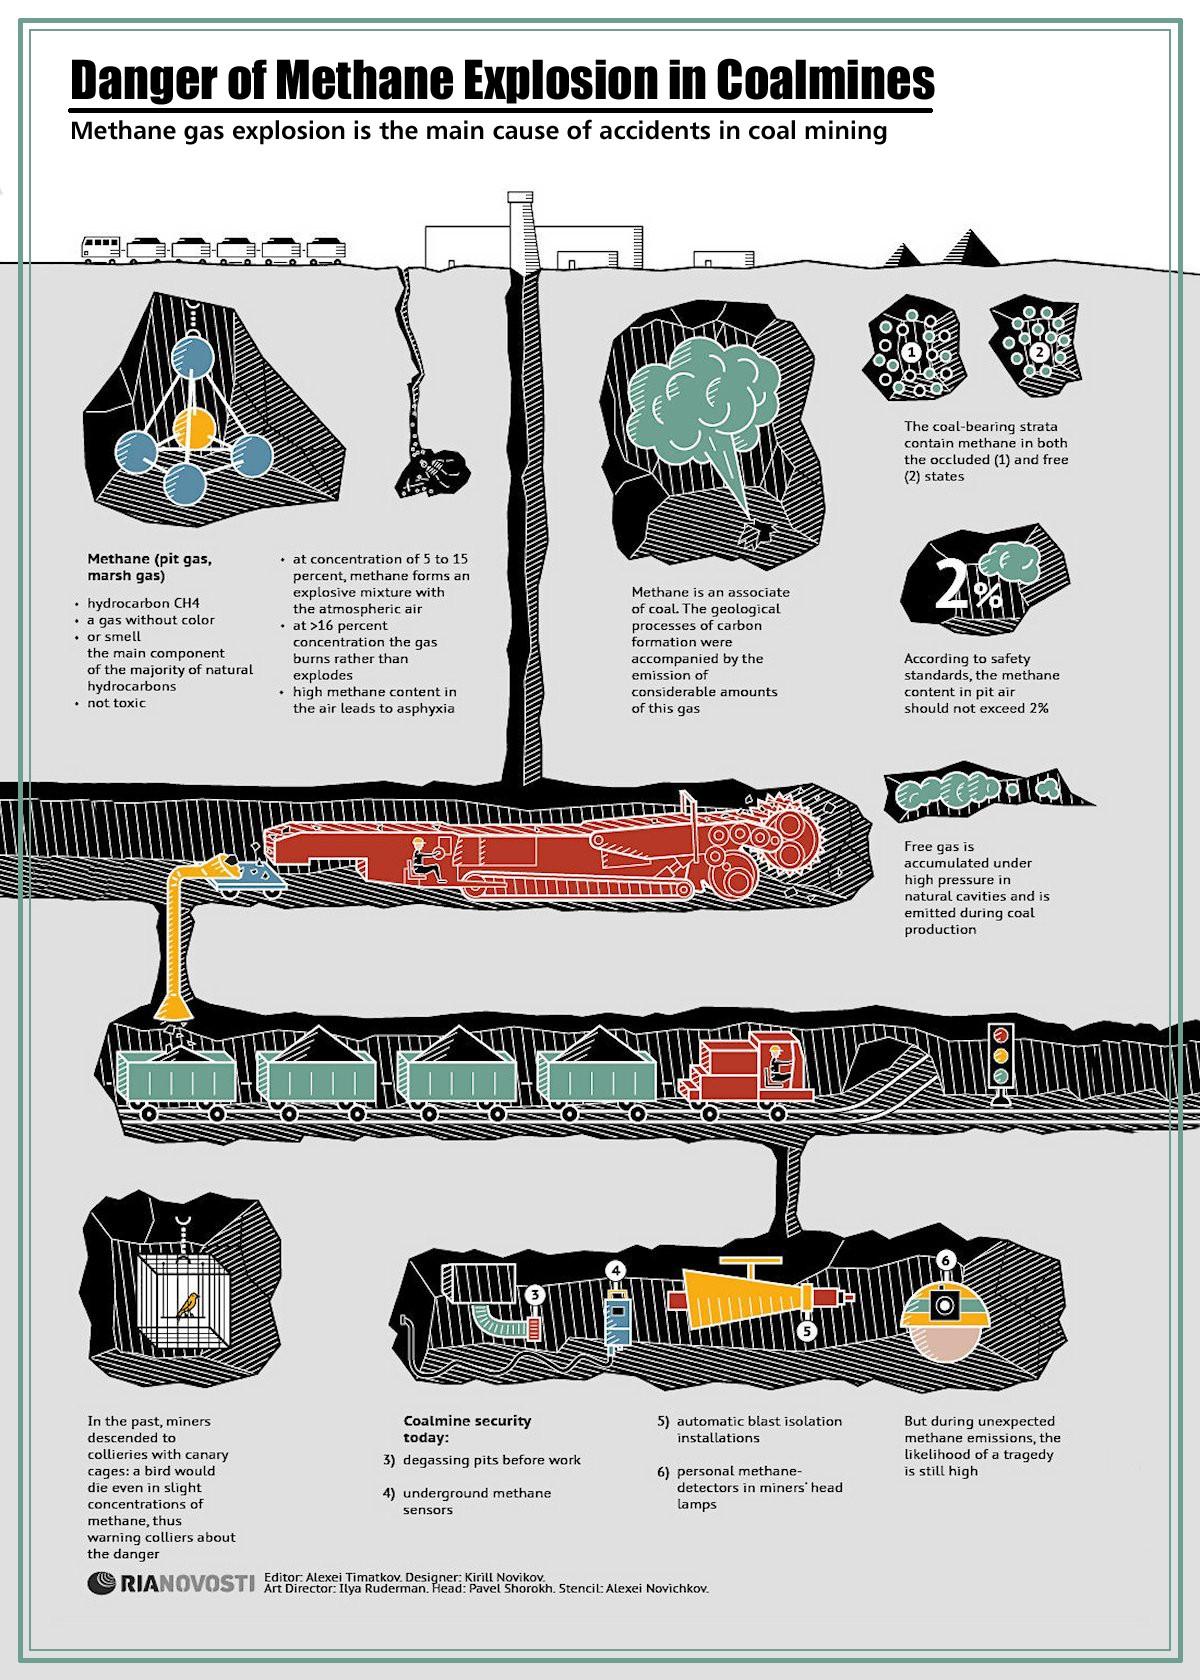 00 RIA-Novosti Infographics. Methane in Coalmines. 2013